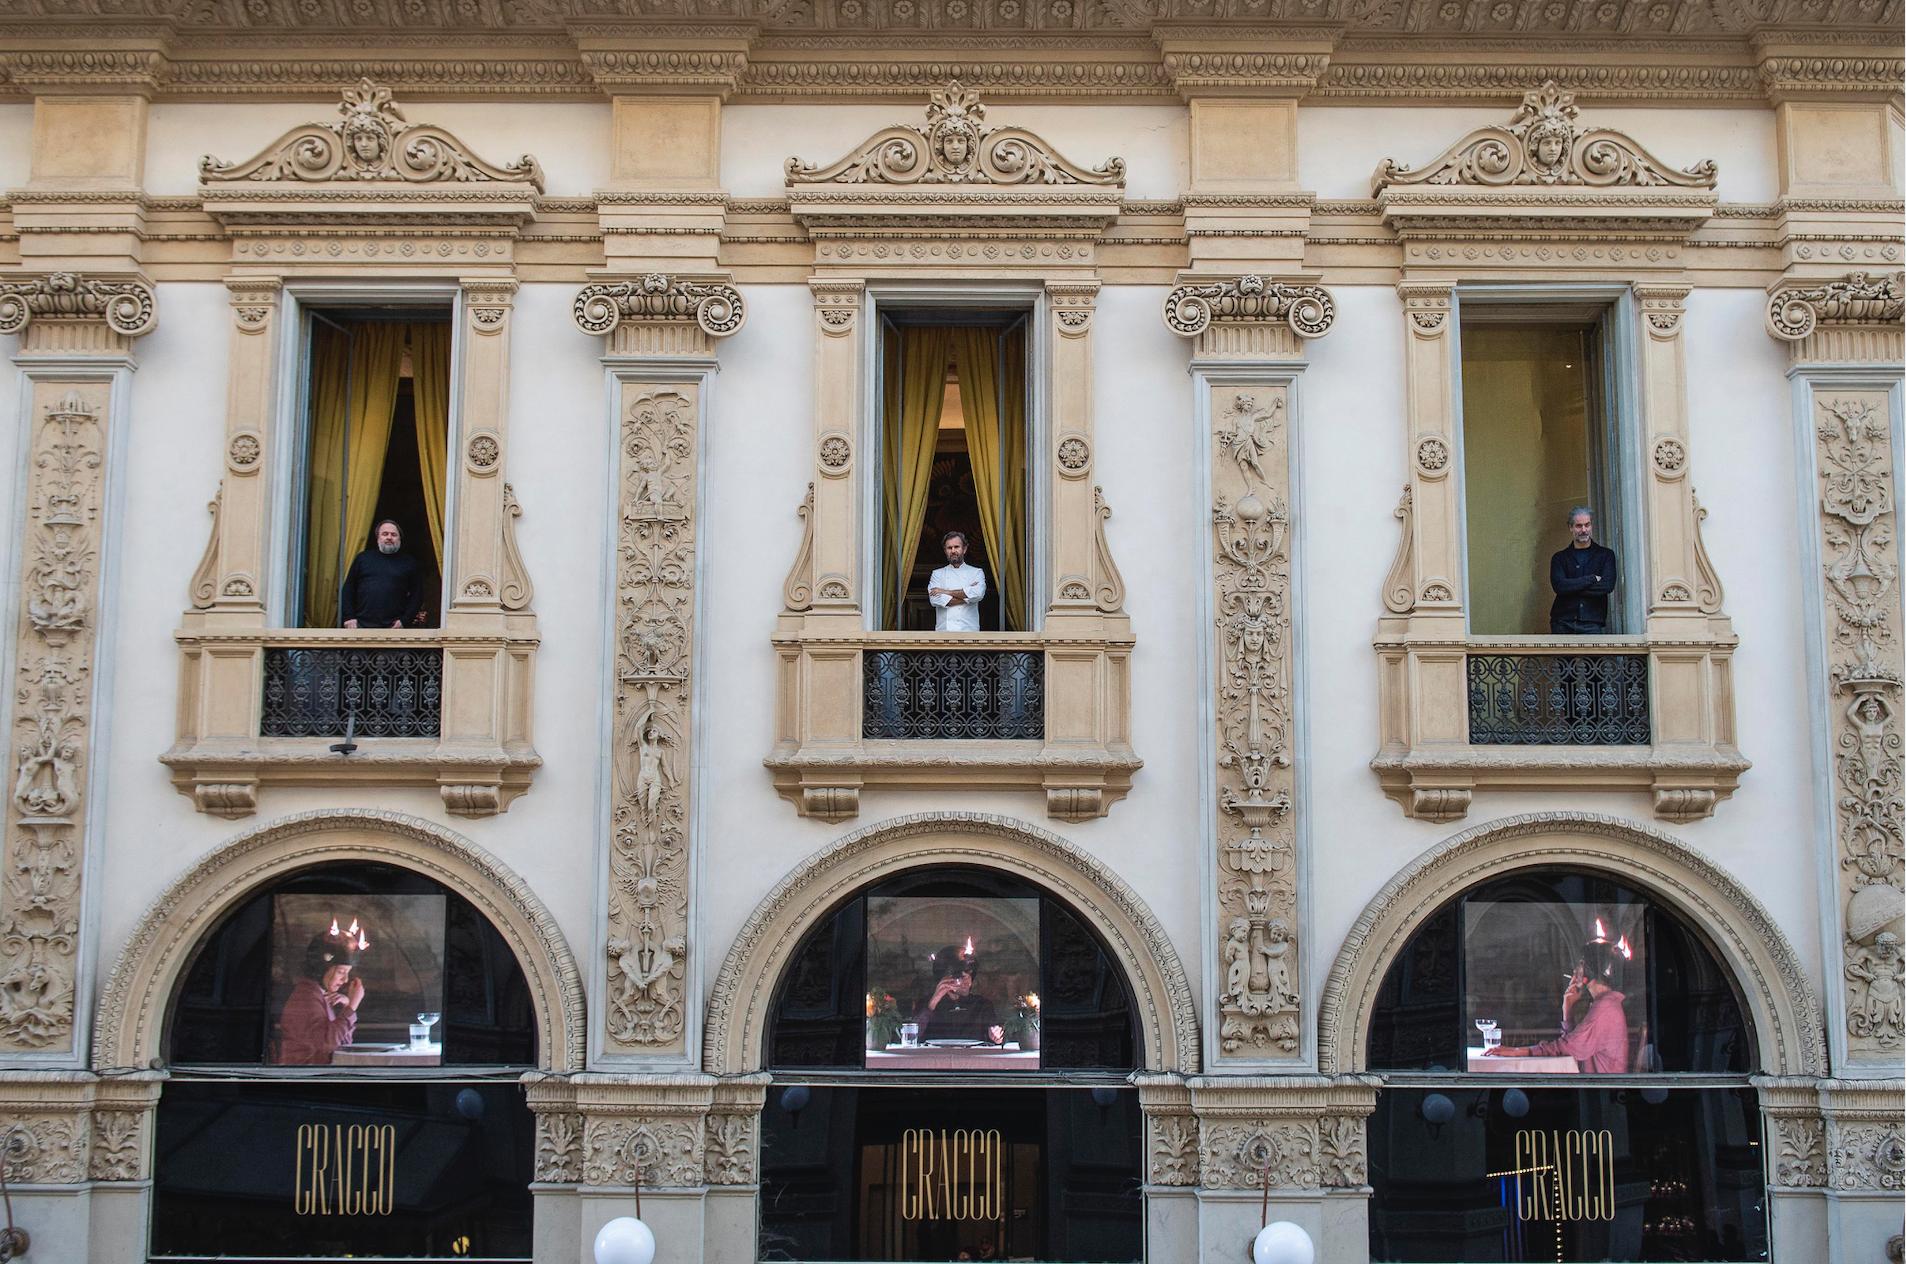 Masbedo Galleria Cracco